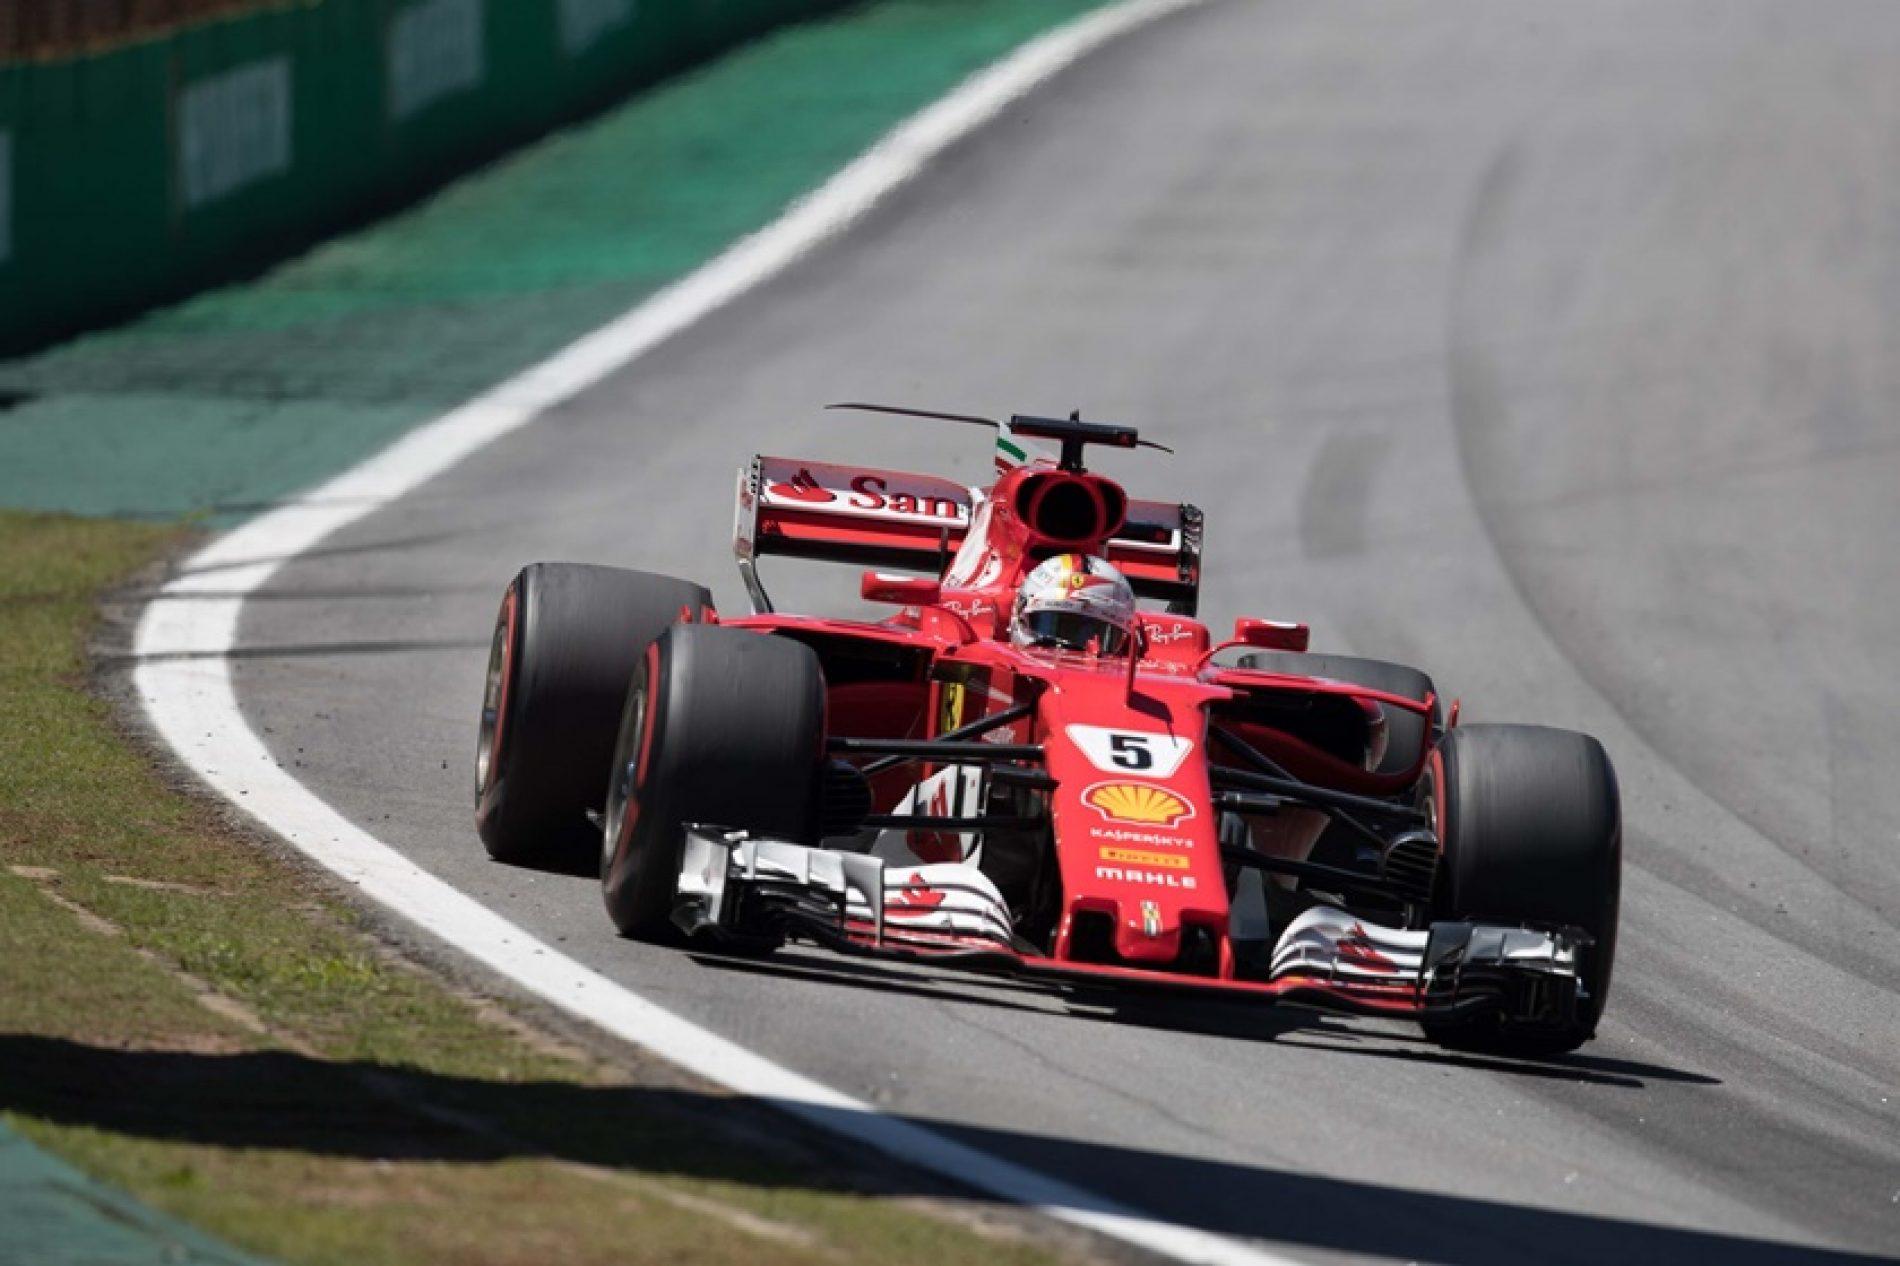 Hamilton brilha, mas Vettel vence o GP do Brasil